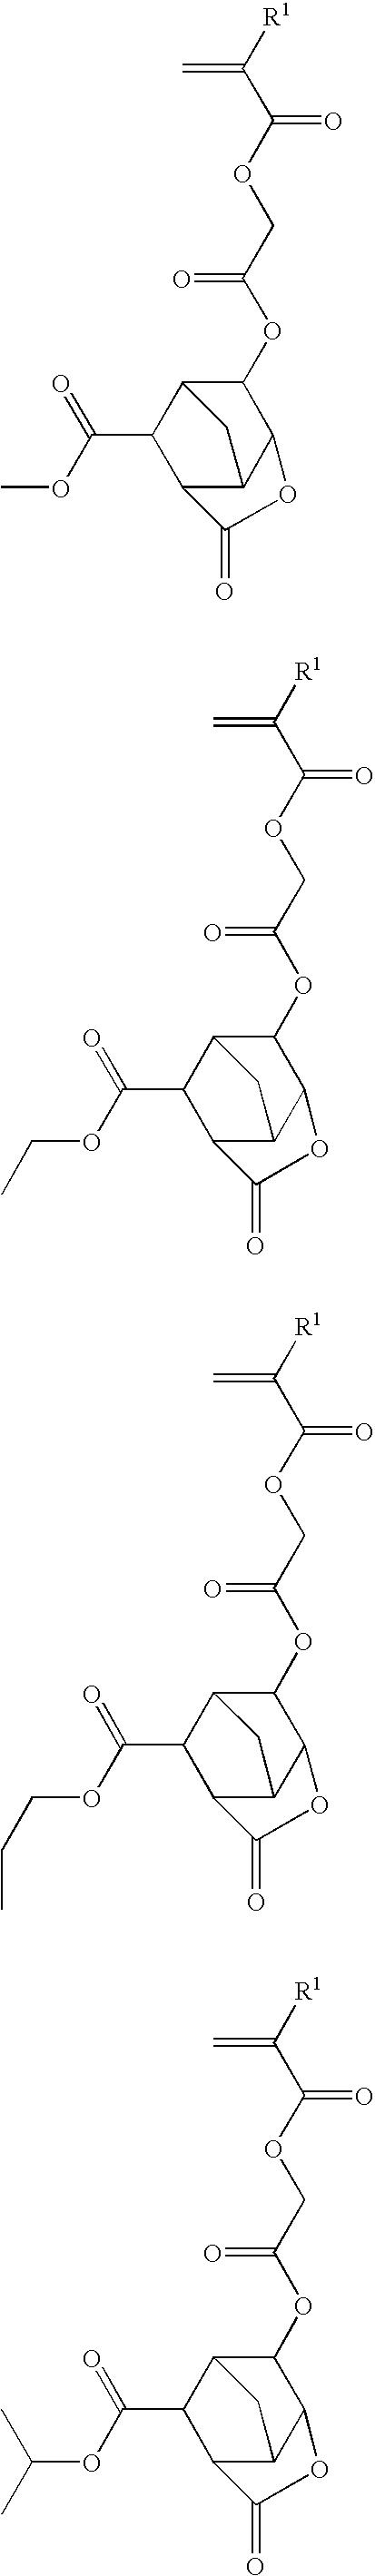 Figure US20080026331A1-20080131-C00008